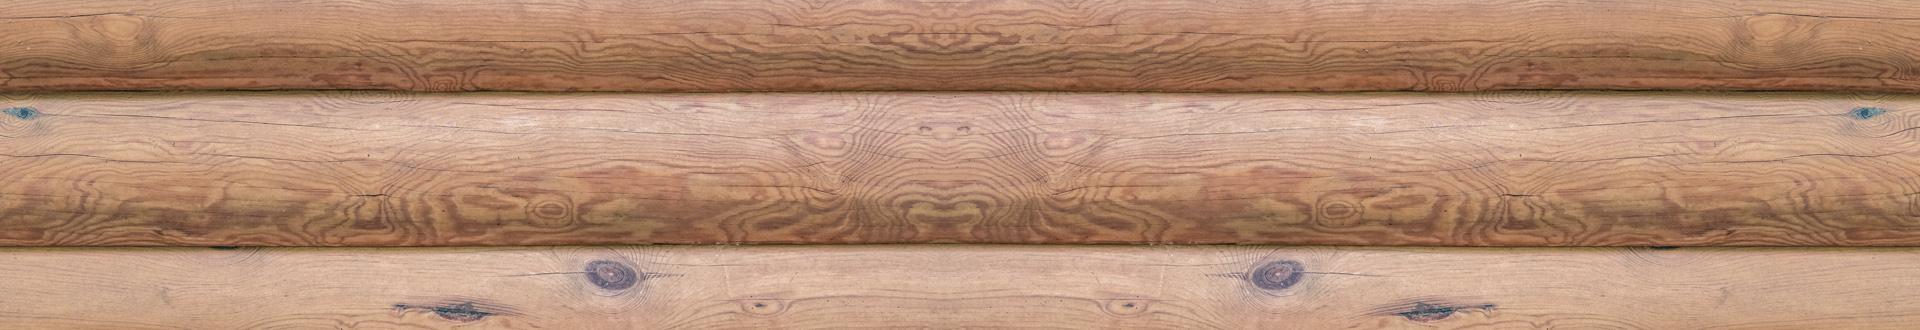 ściana z bali drewnianych - banner